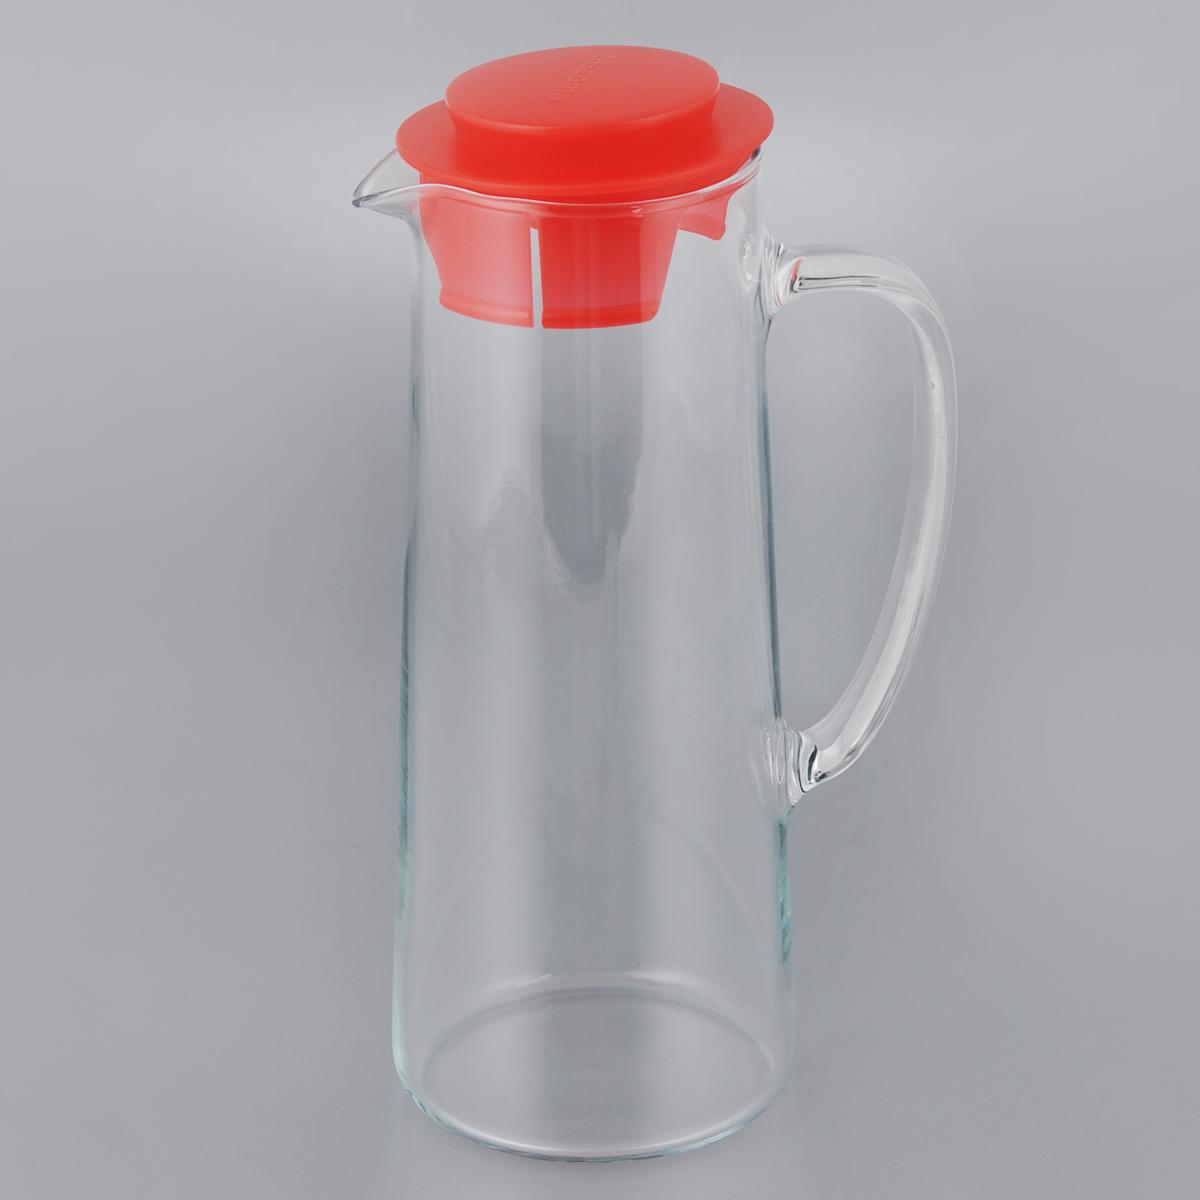 Кувшин для холодильника Tescoma Teo, с крышкой, цвет: прозрачный, красный, 1 л646616_красныйКувшин Tescoma Teo, выполненный из высококачественного прочного стекла, элегантно украсит ваш стол. Кувшин оснащен удобной ручкой и пластиковой крышкой. Он прост в использовании, достаточно просто наклонить его и налить ваш любимый напиток. Форма крышки обеспечивает наливание жидкости без расплескивания. Изделие прекрасно подойдет для холодильника и для подачи на стол воды, сока, компота и других напитков, как горячих так и холодных. Кувшин Tescoma Teo дополнит интерьер вашей кухни и станет замечательным подарком к любому празднику. Можно мыть в посудомоечной машине и использовать на газовых, керамических и электрических плитах. Диаметр (по верхнему краю): 7,5 см. Высота кувшина (с учетом крышки): 24,5 см.